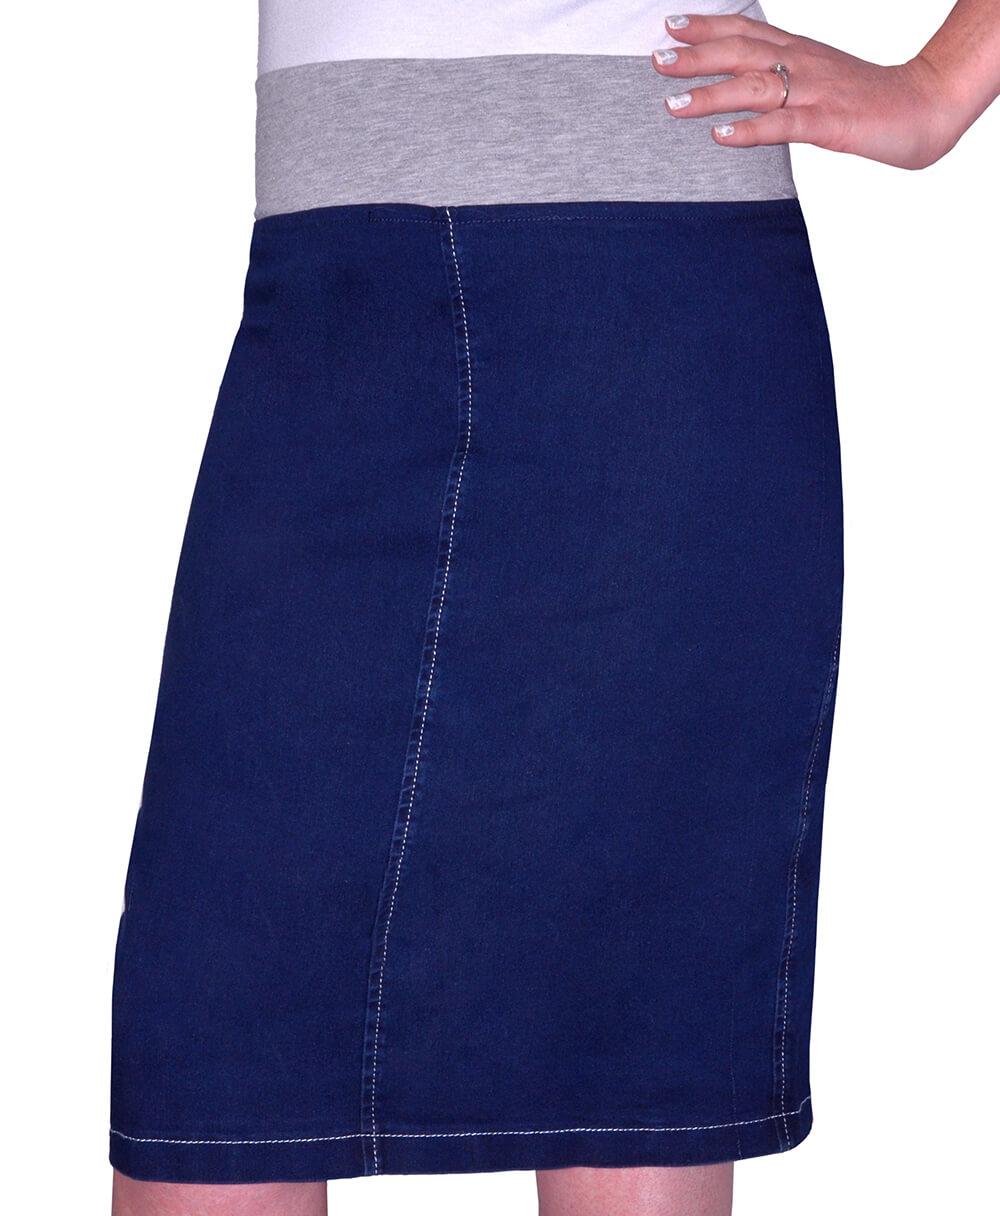 1490 Womens Straight Knee Length Denim Skirt